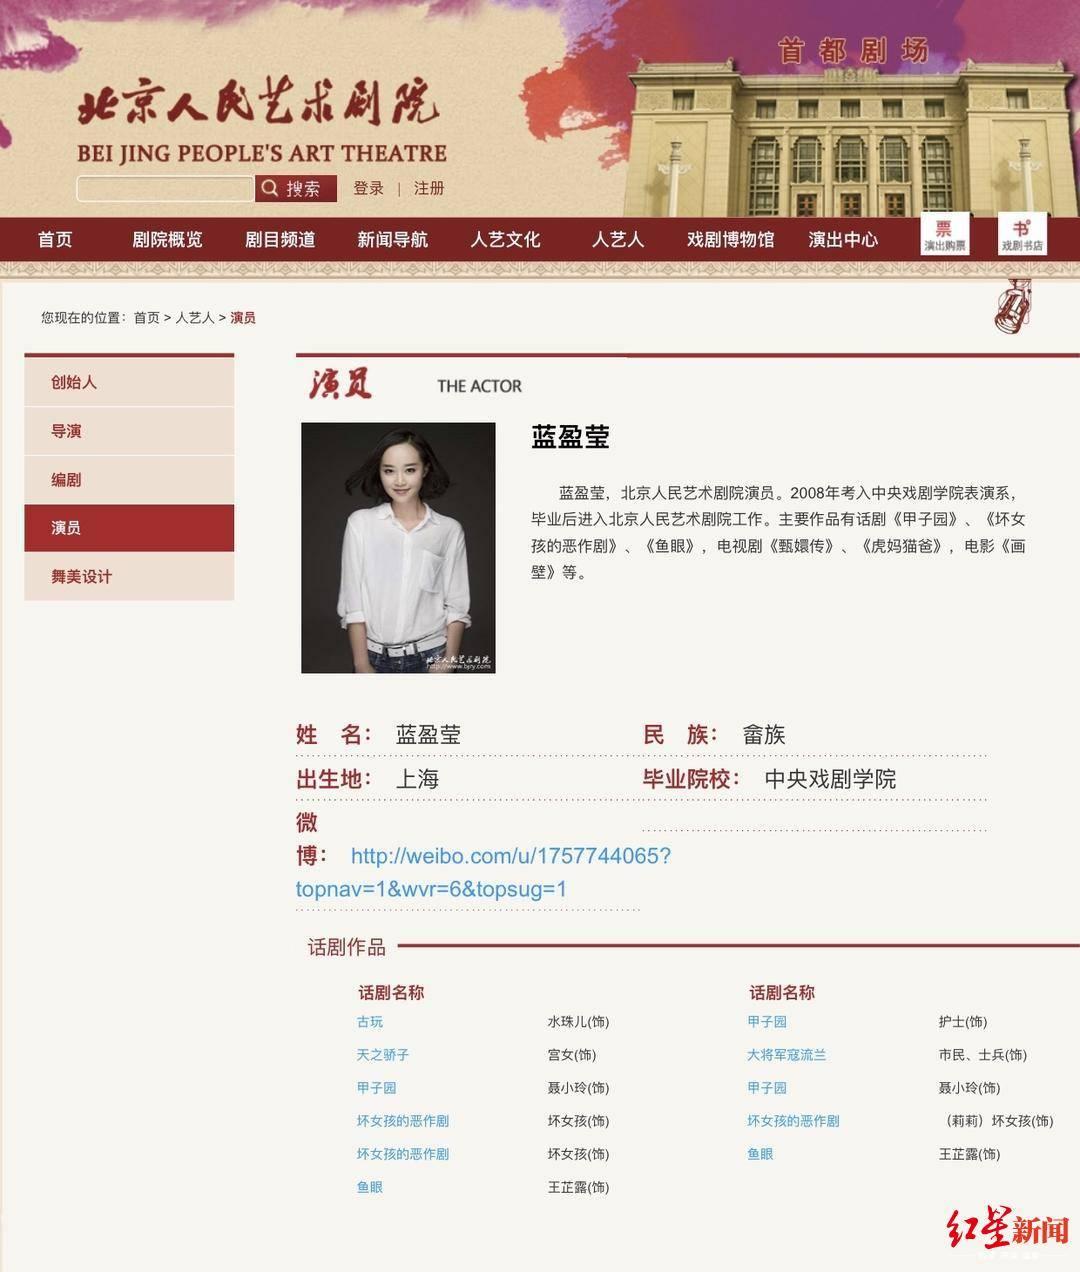 蓝盈莹辞职内幕曝光:综艺节目与新戏排练撞车